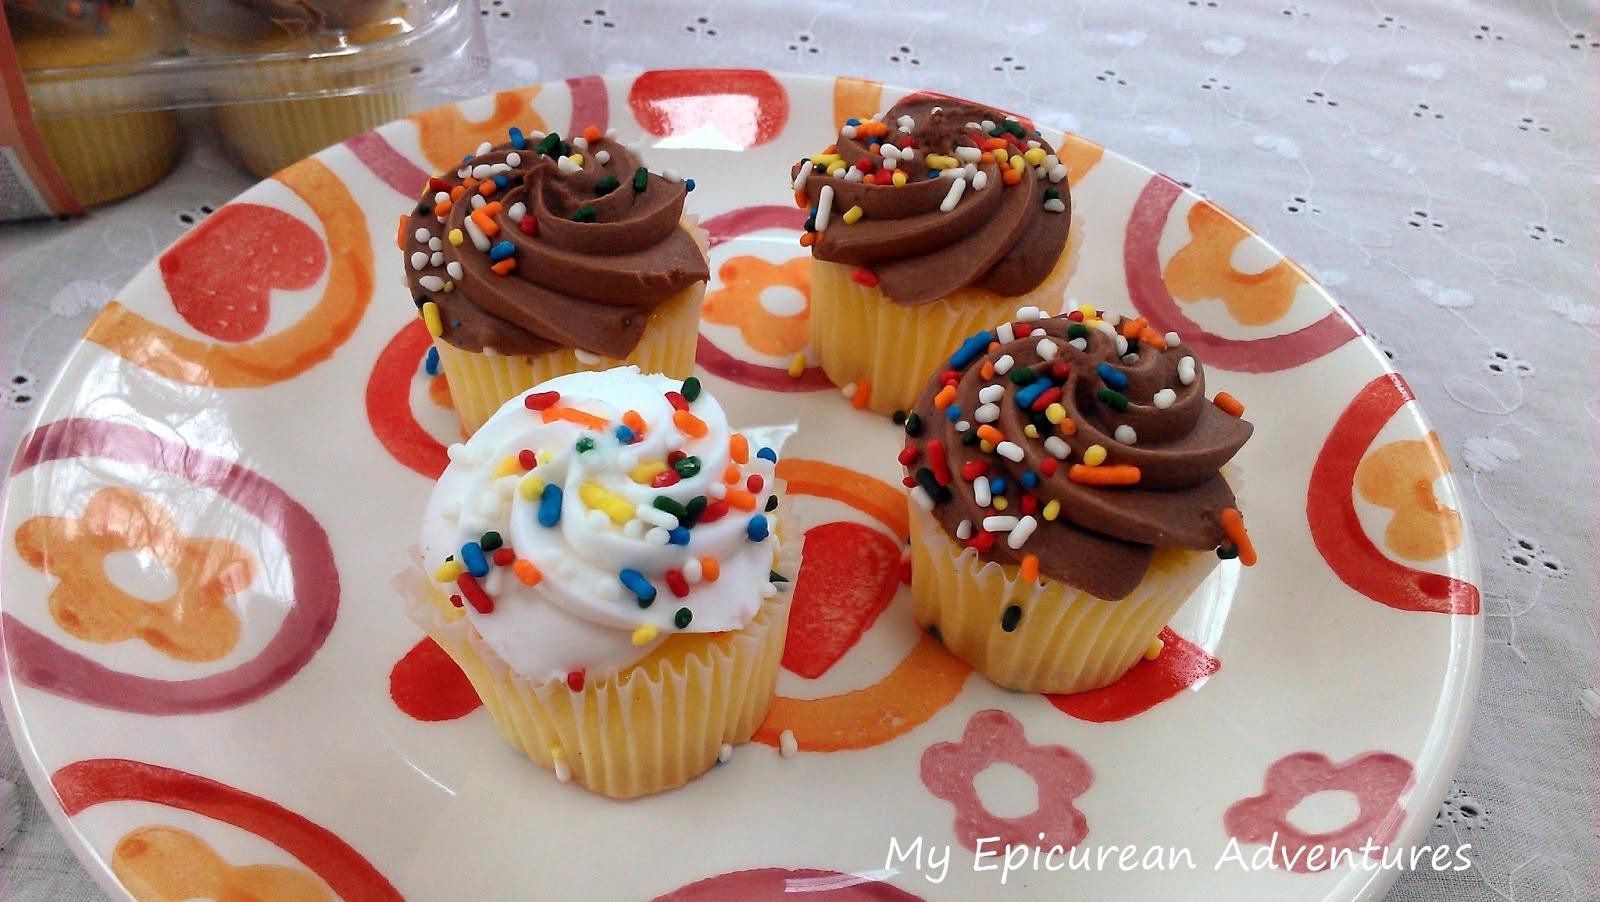 My Epicurean Adventures Maplehurst Bakeries PeanutFree Cupcakes